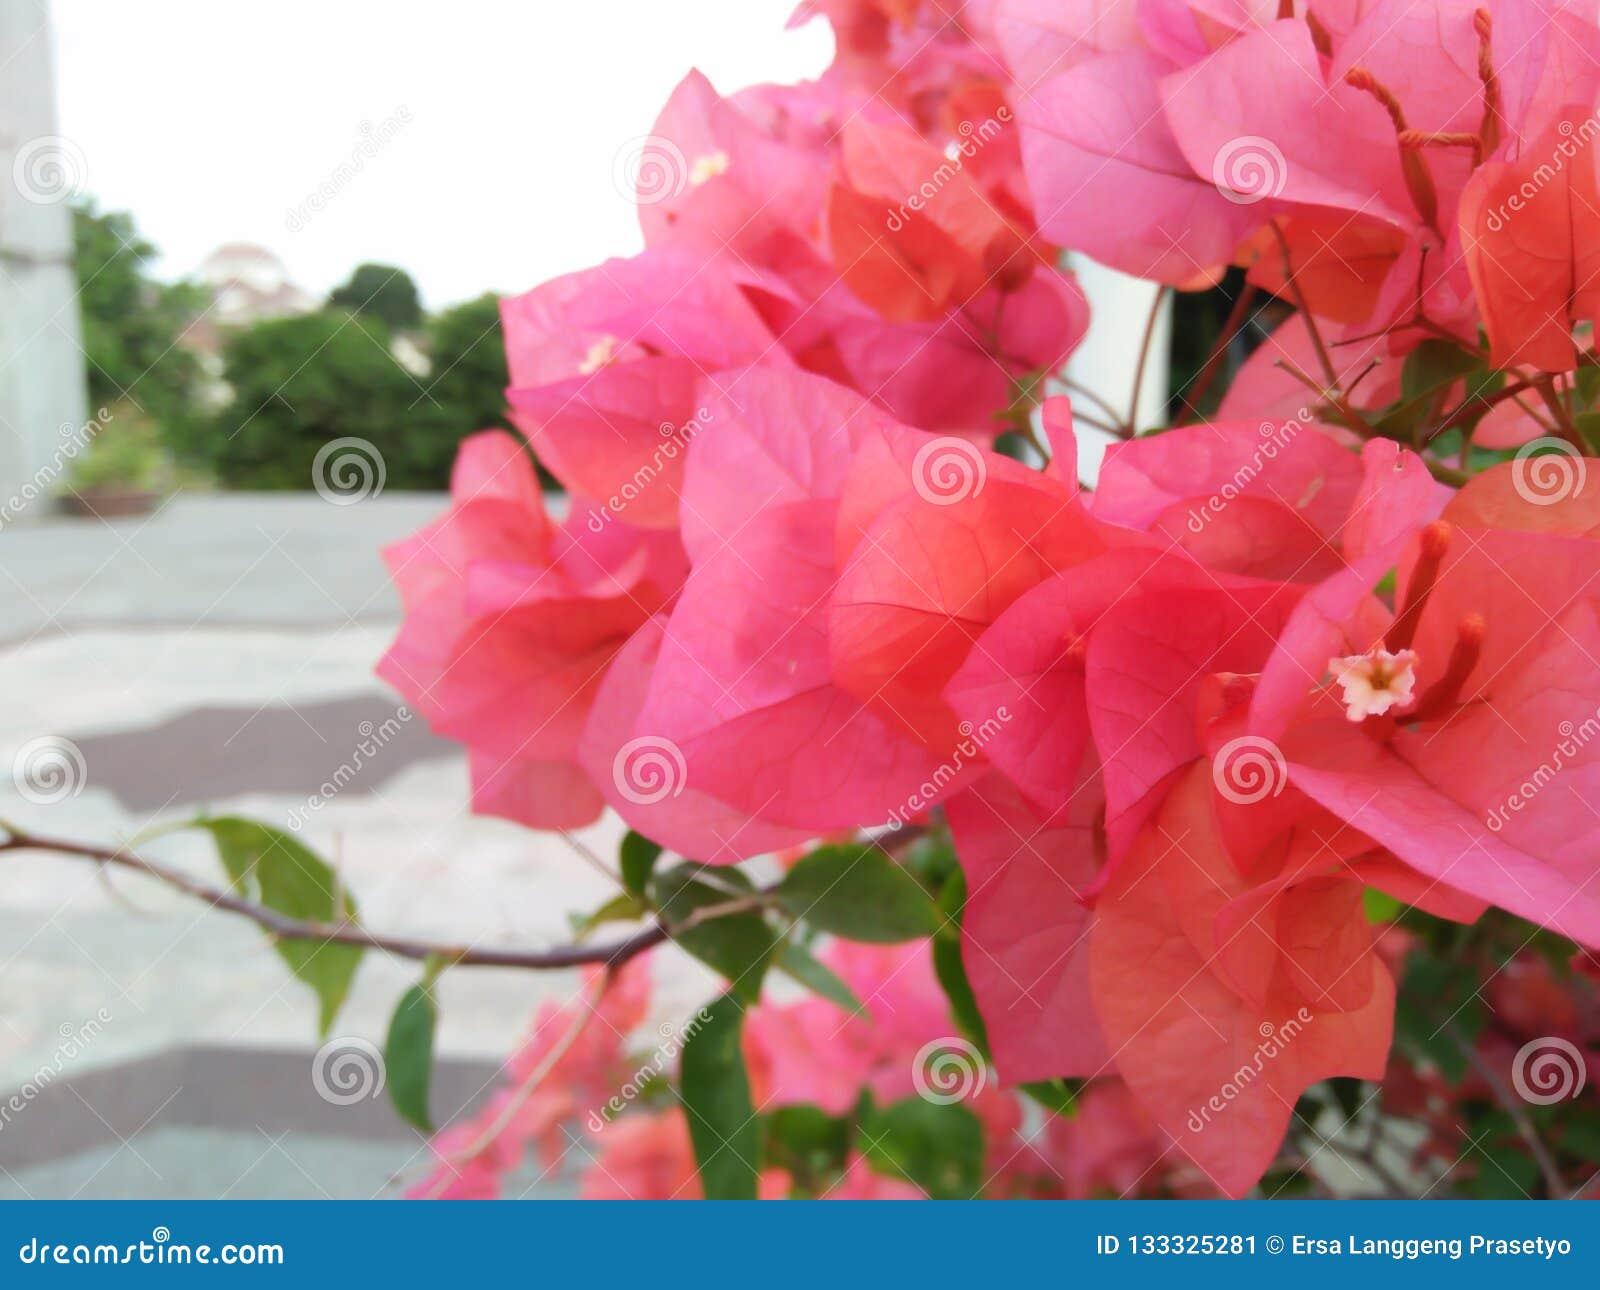 Eu capturei fotos de flores vermelhas